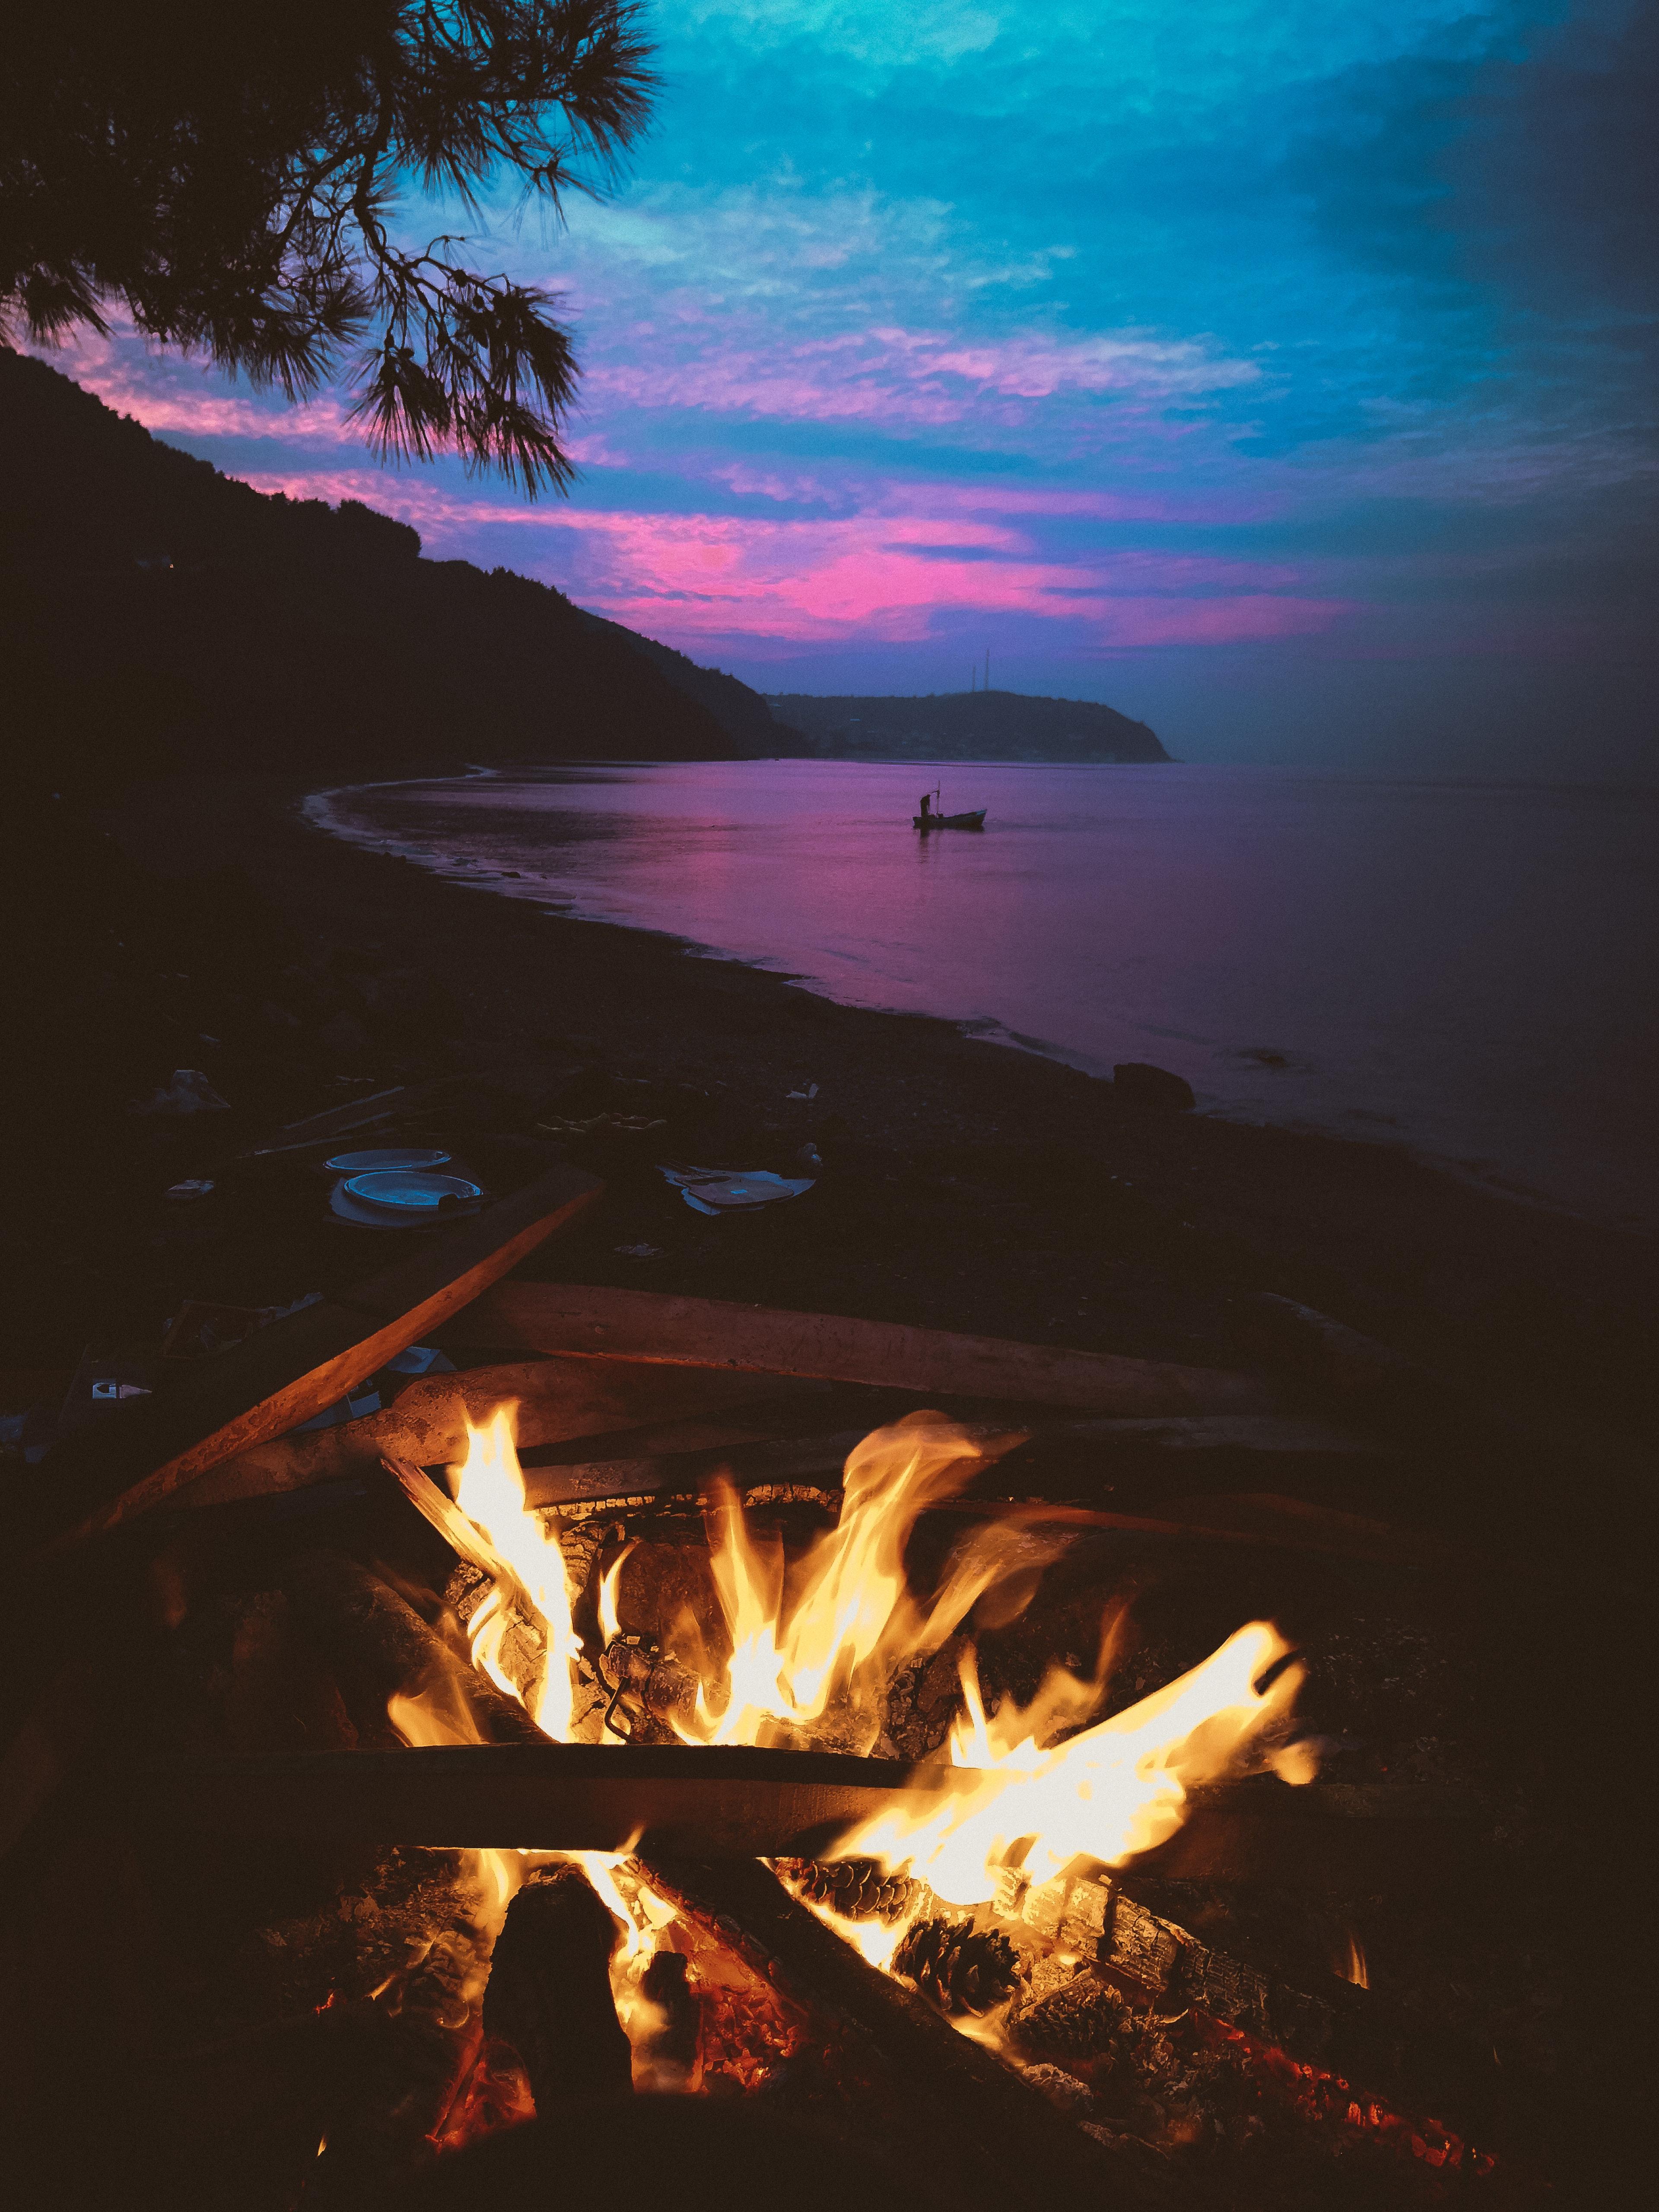 Hình ảnh lửa đẹp